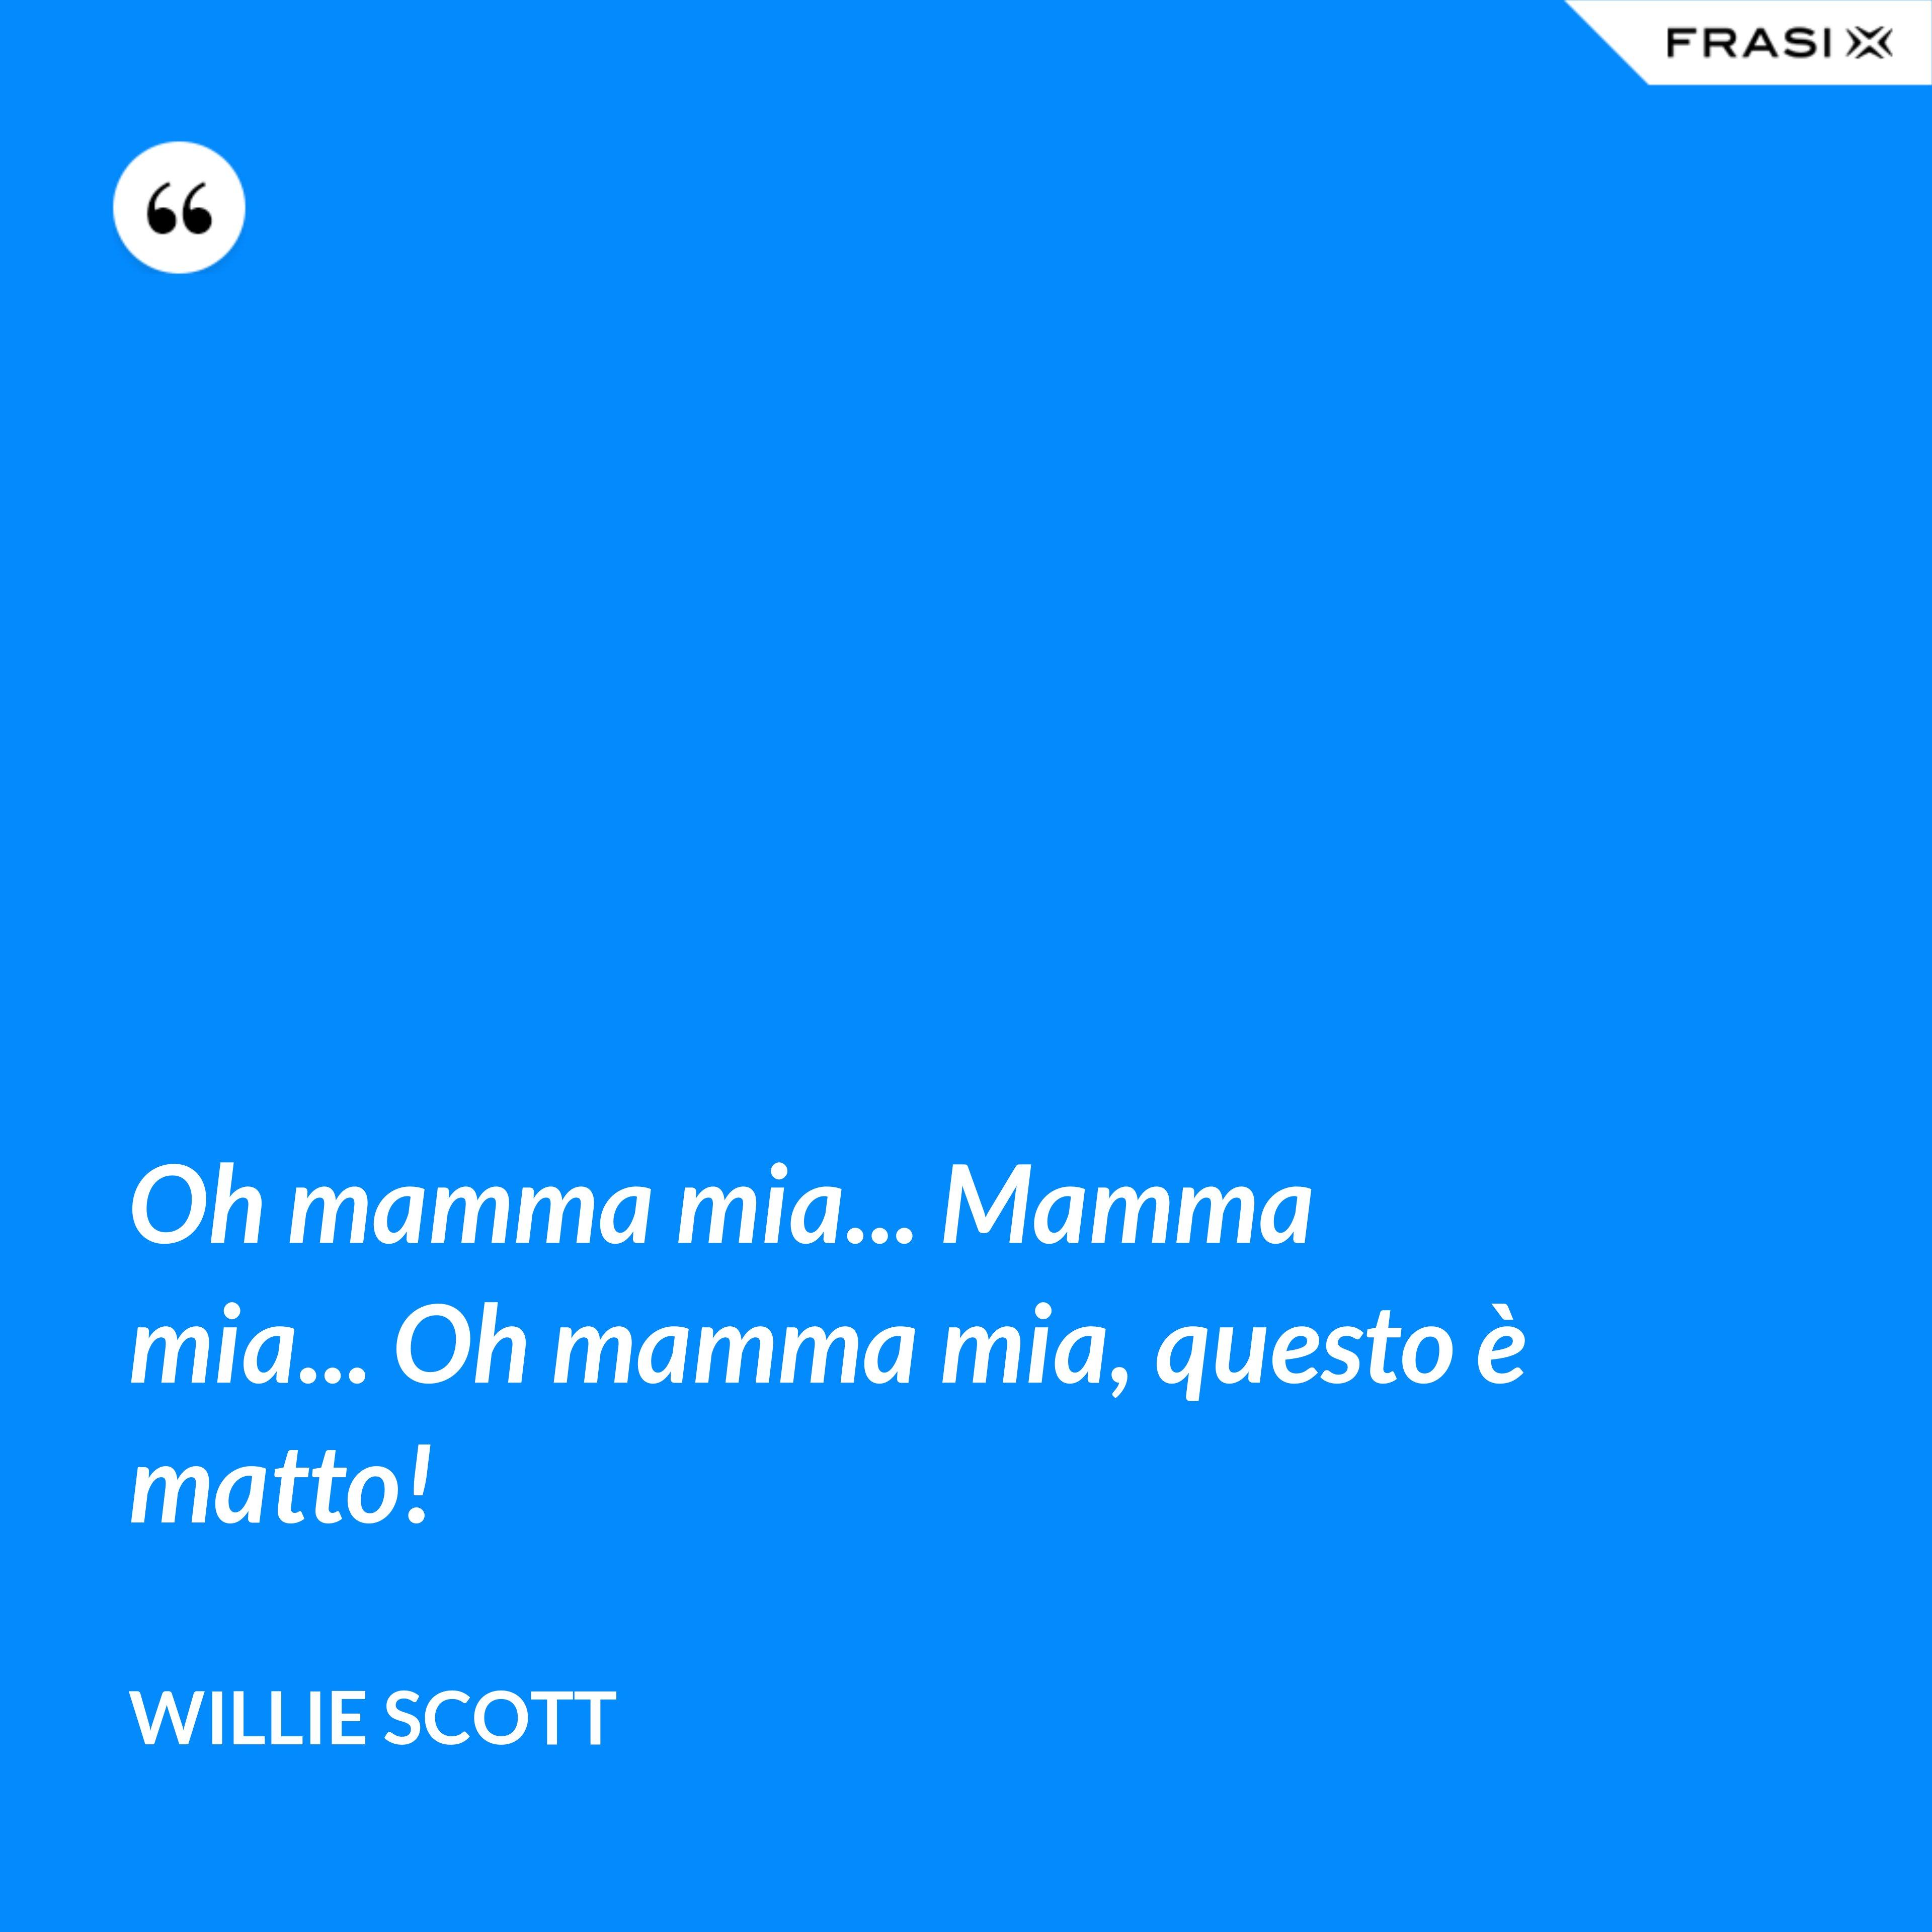 Oh mamma mia... Mamma mia... Oh mamma mia, questo è matto! - Willie Scott